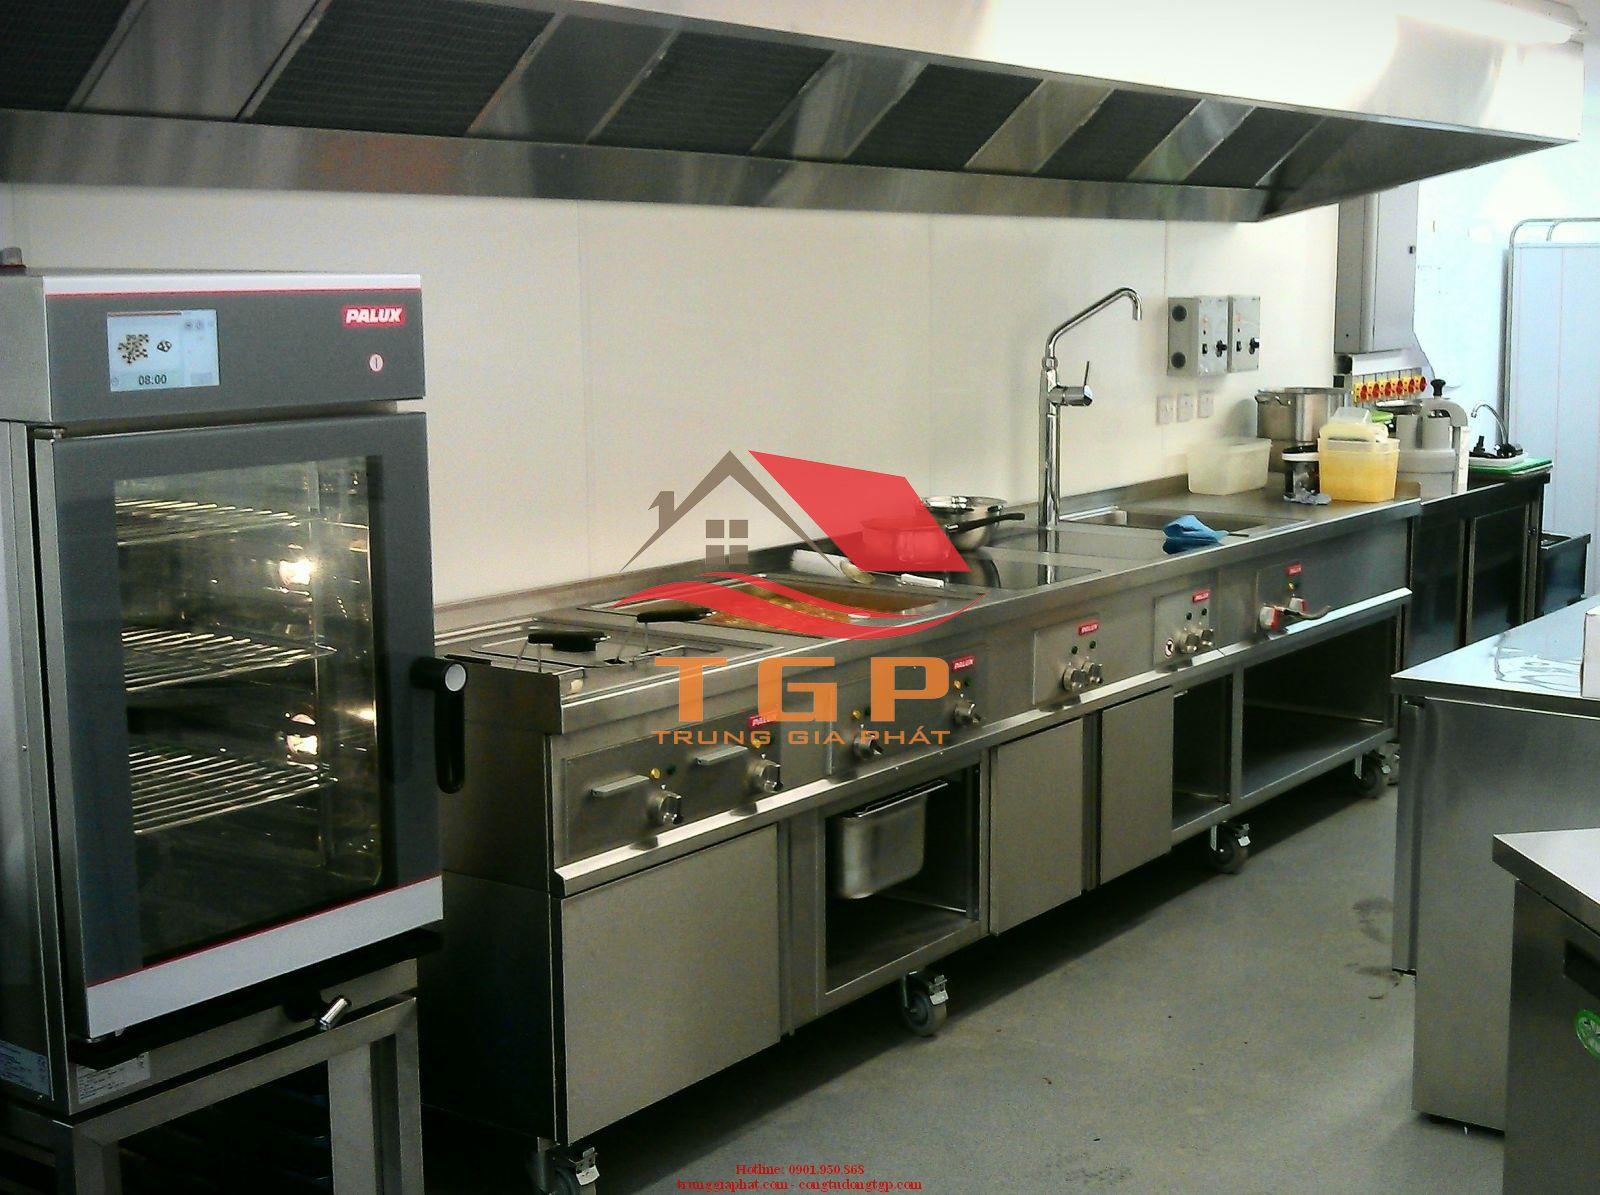 Thiết kế bếp công nghiệp nhà hàng đà nẵng